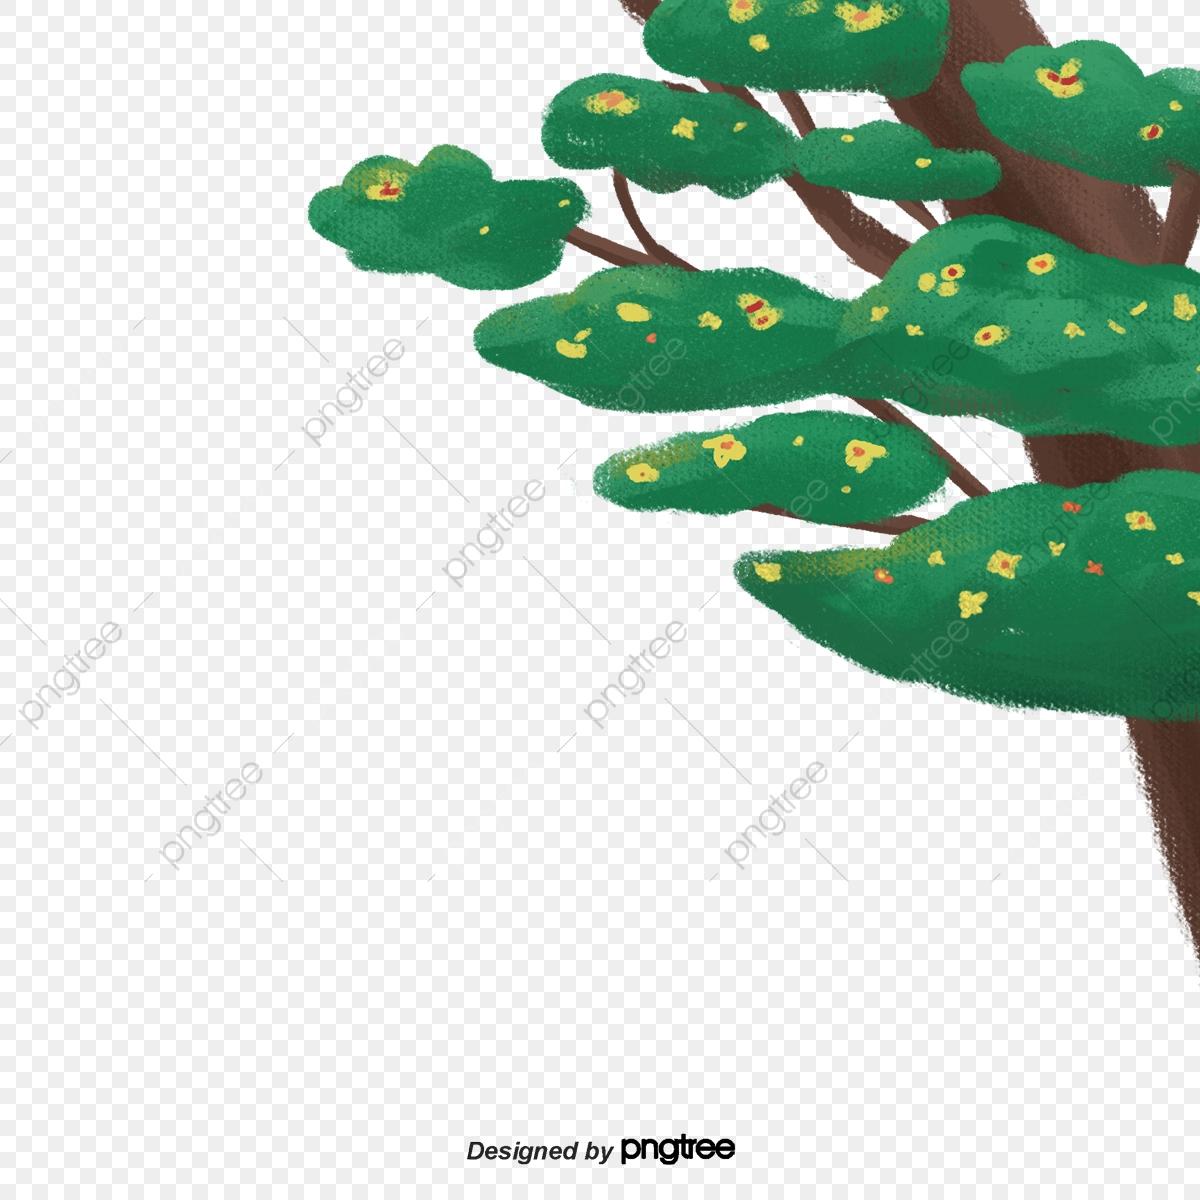 Les Pins Qui Poussent Au Printemps, Fleur, Printemps, Pine à Fleur Qui Pousse Au Printemps